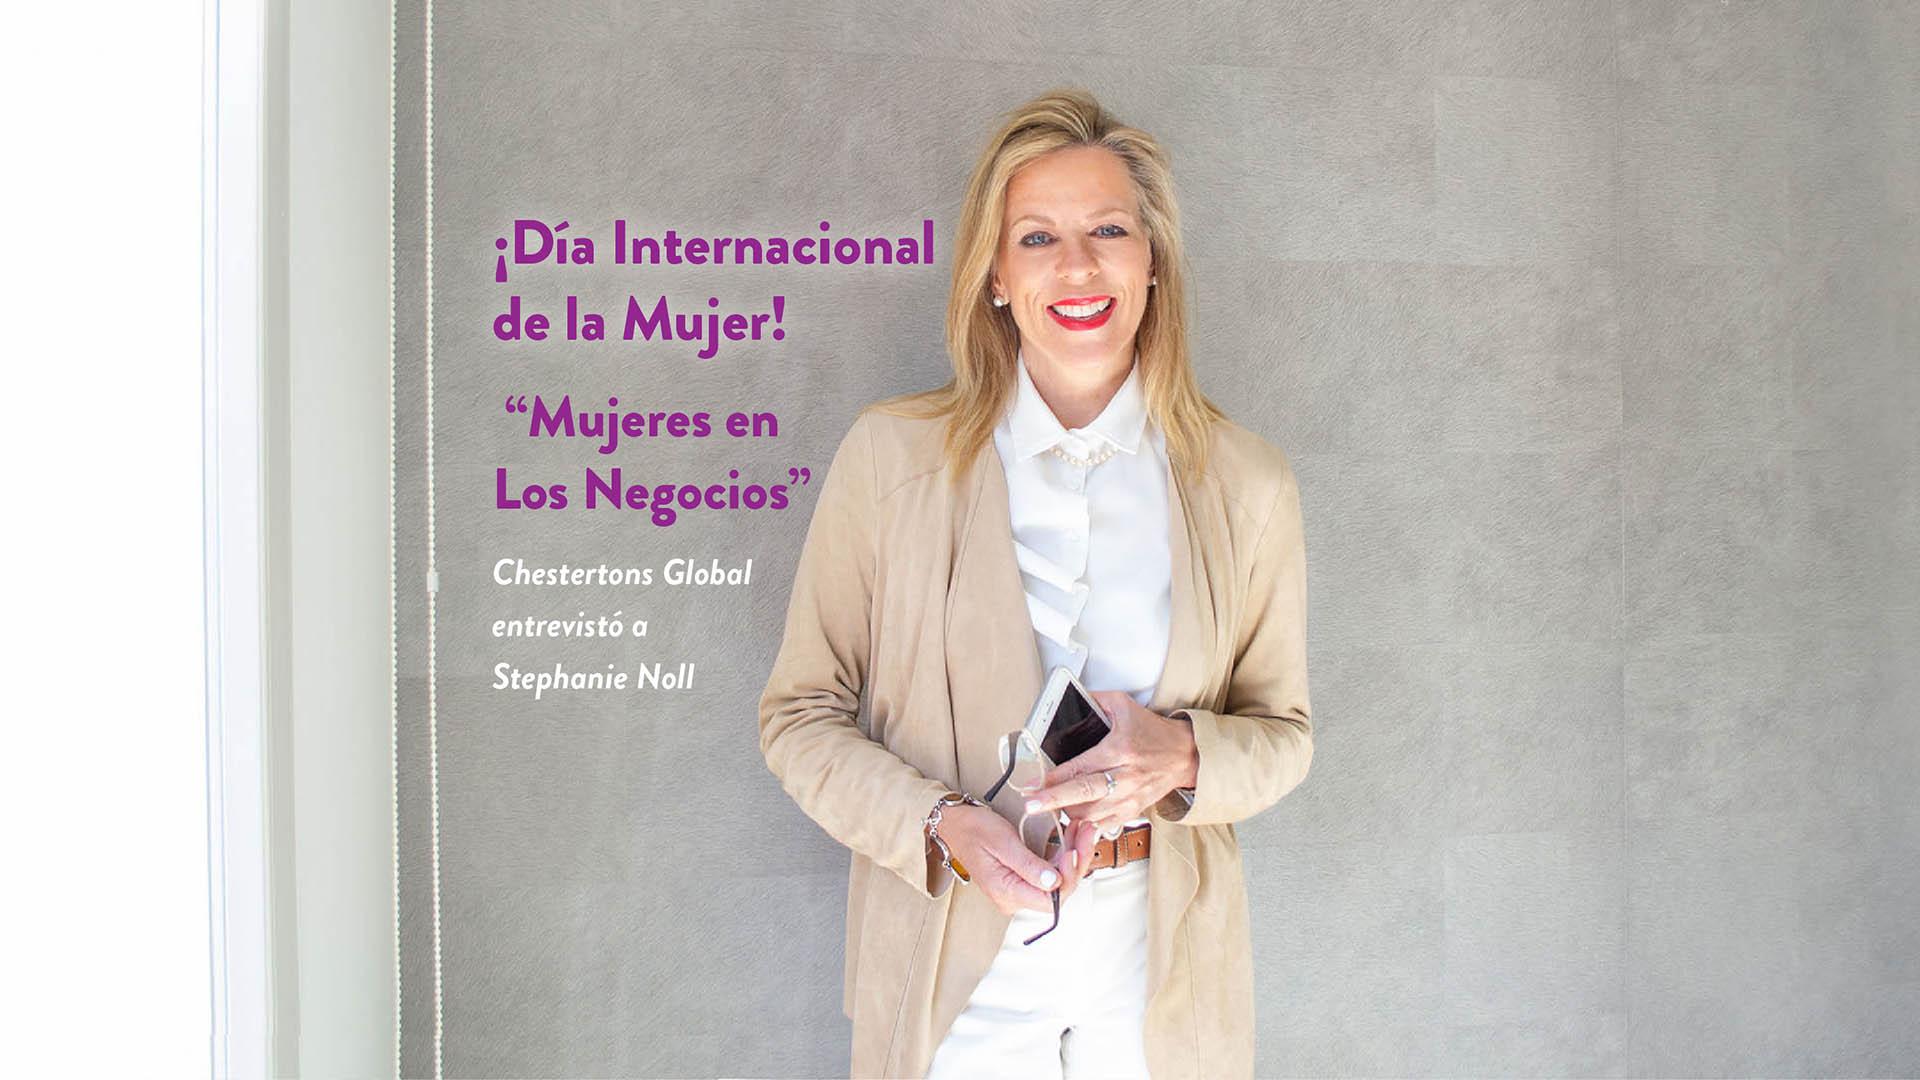 PARTE 1: Día Internacional de la Mujer: Mujeres en los Negocios – Stephanie Noll, Sotogrande.